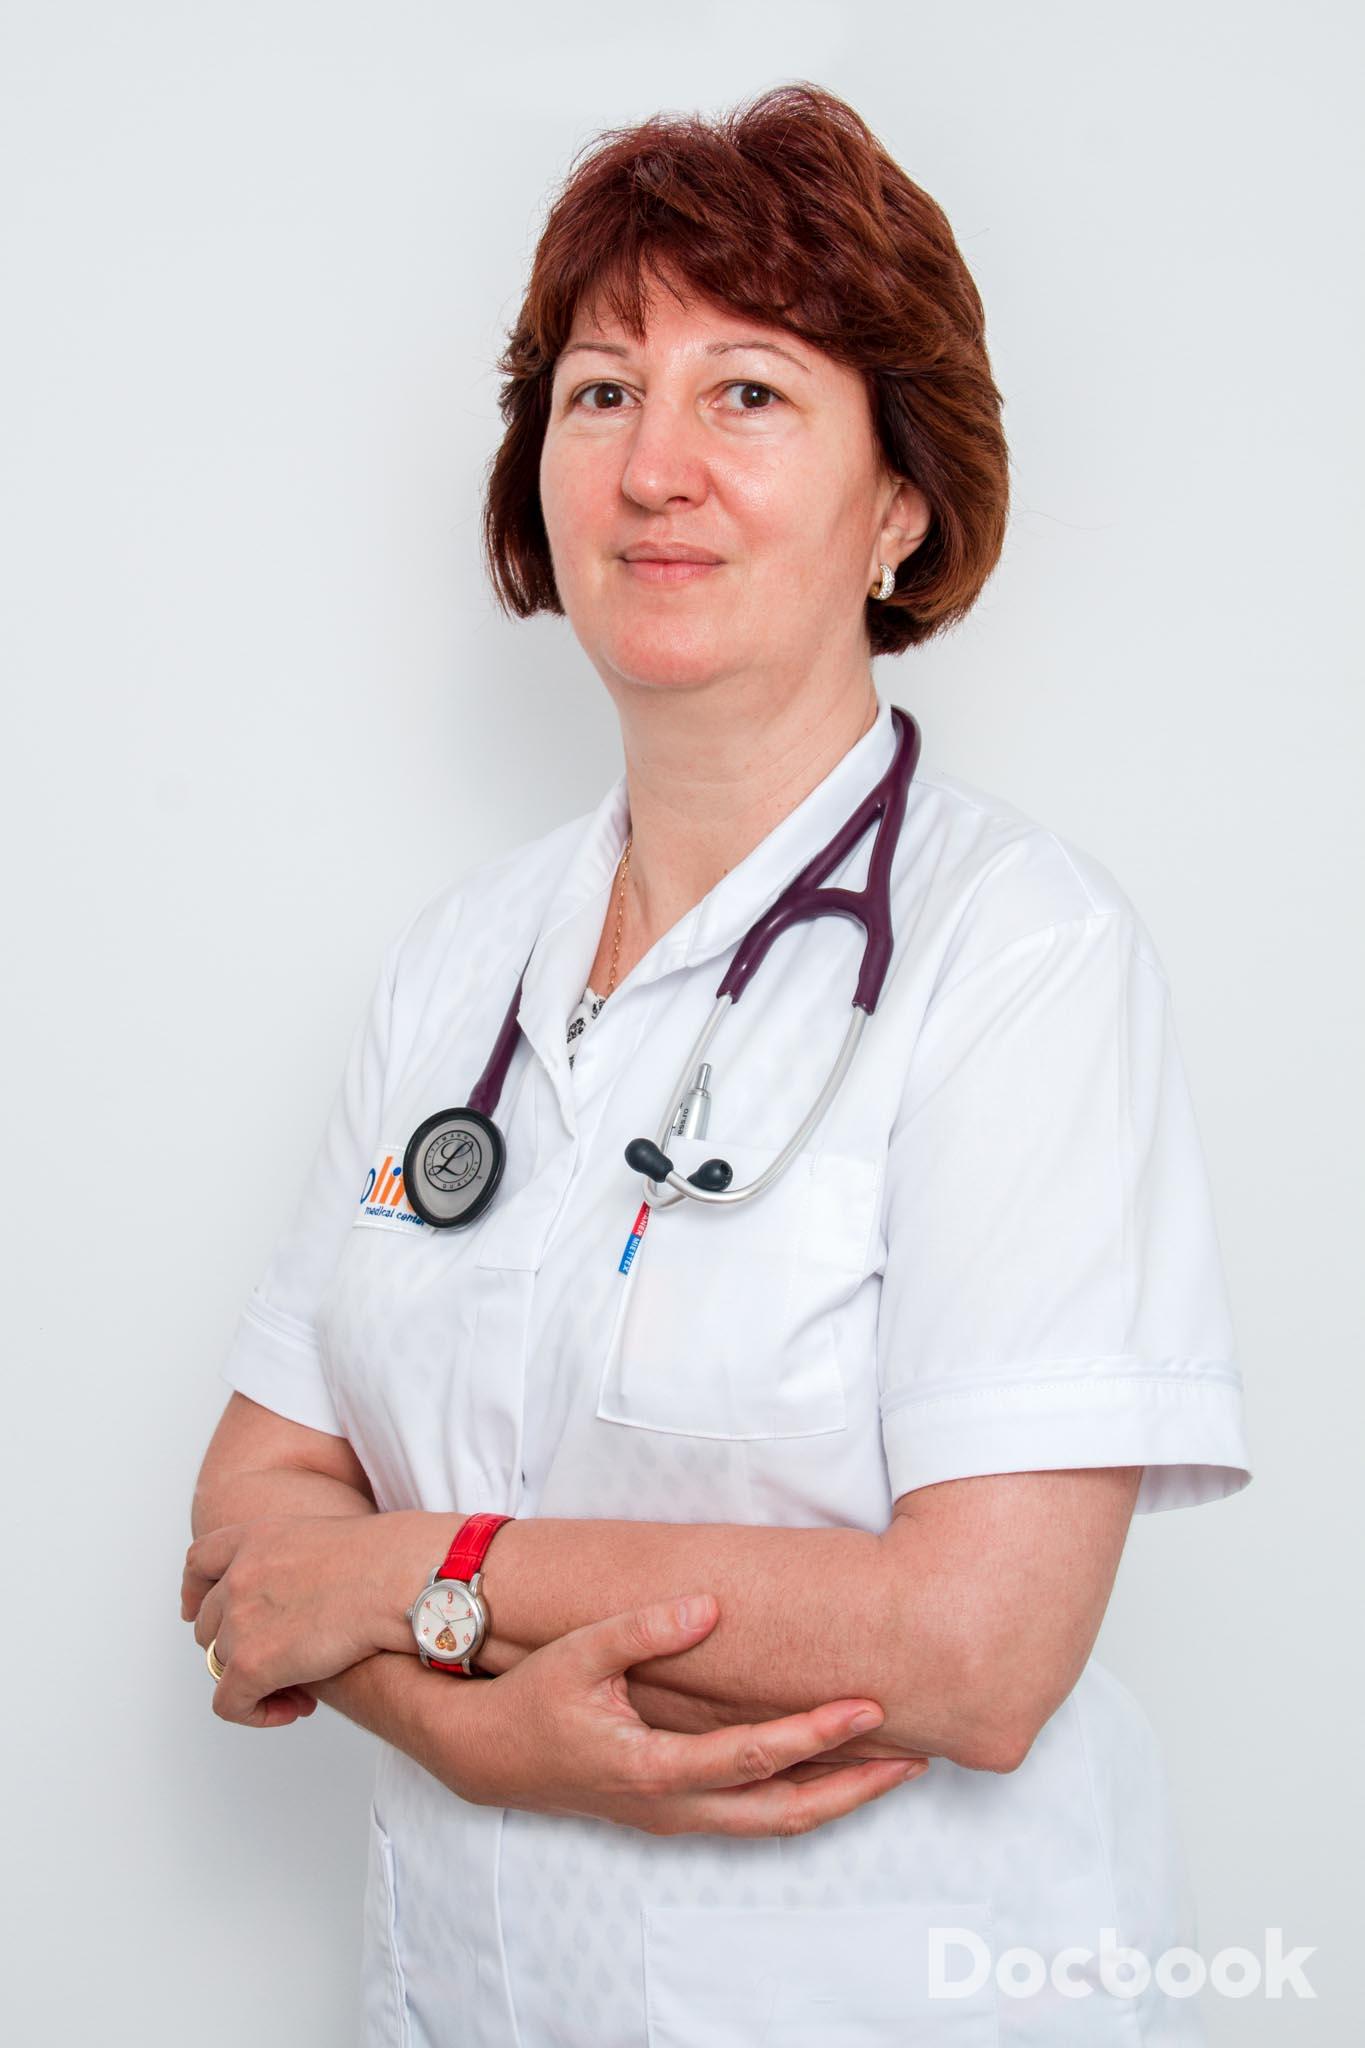 Dr. Anca Patras